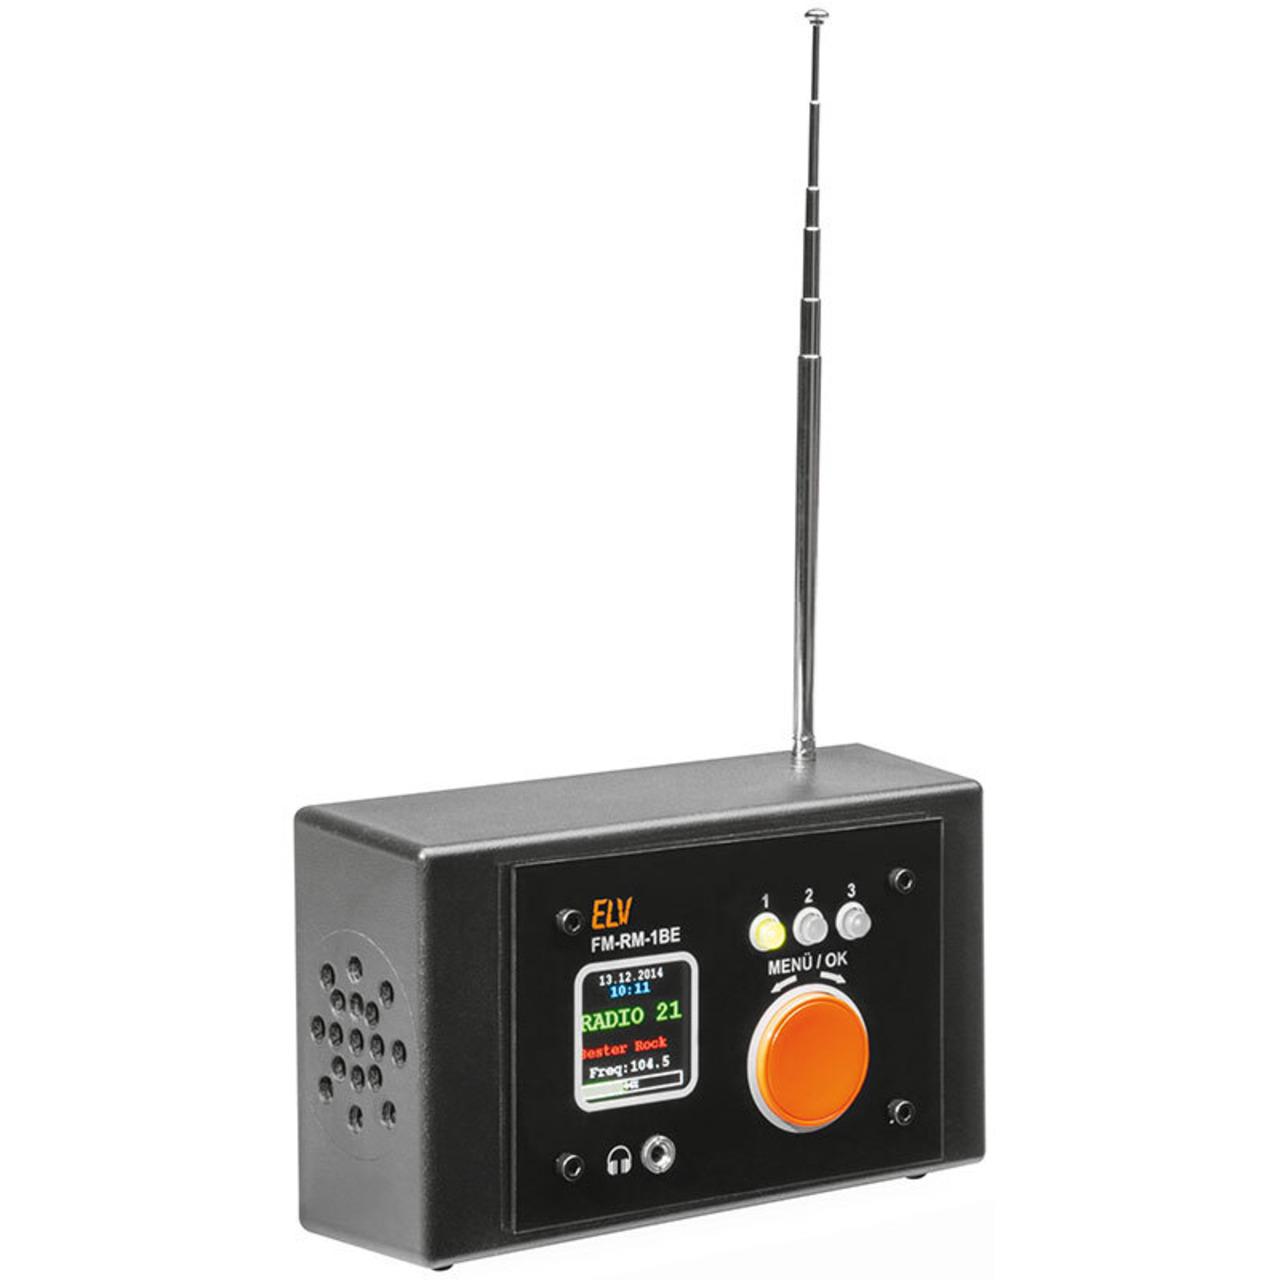 ELV Komplettbausatz FM-Receiver Modul mit Si4705- FM-RM1 inkl- Bedien- und Anzeigeeinheit FM-RM1BE